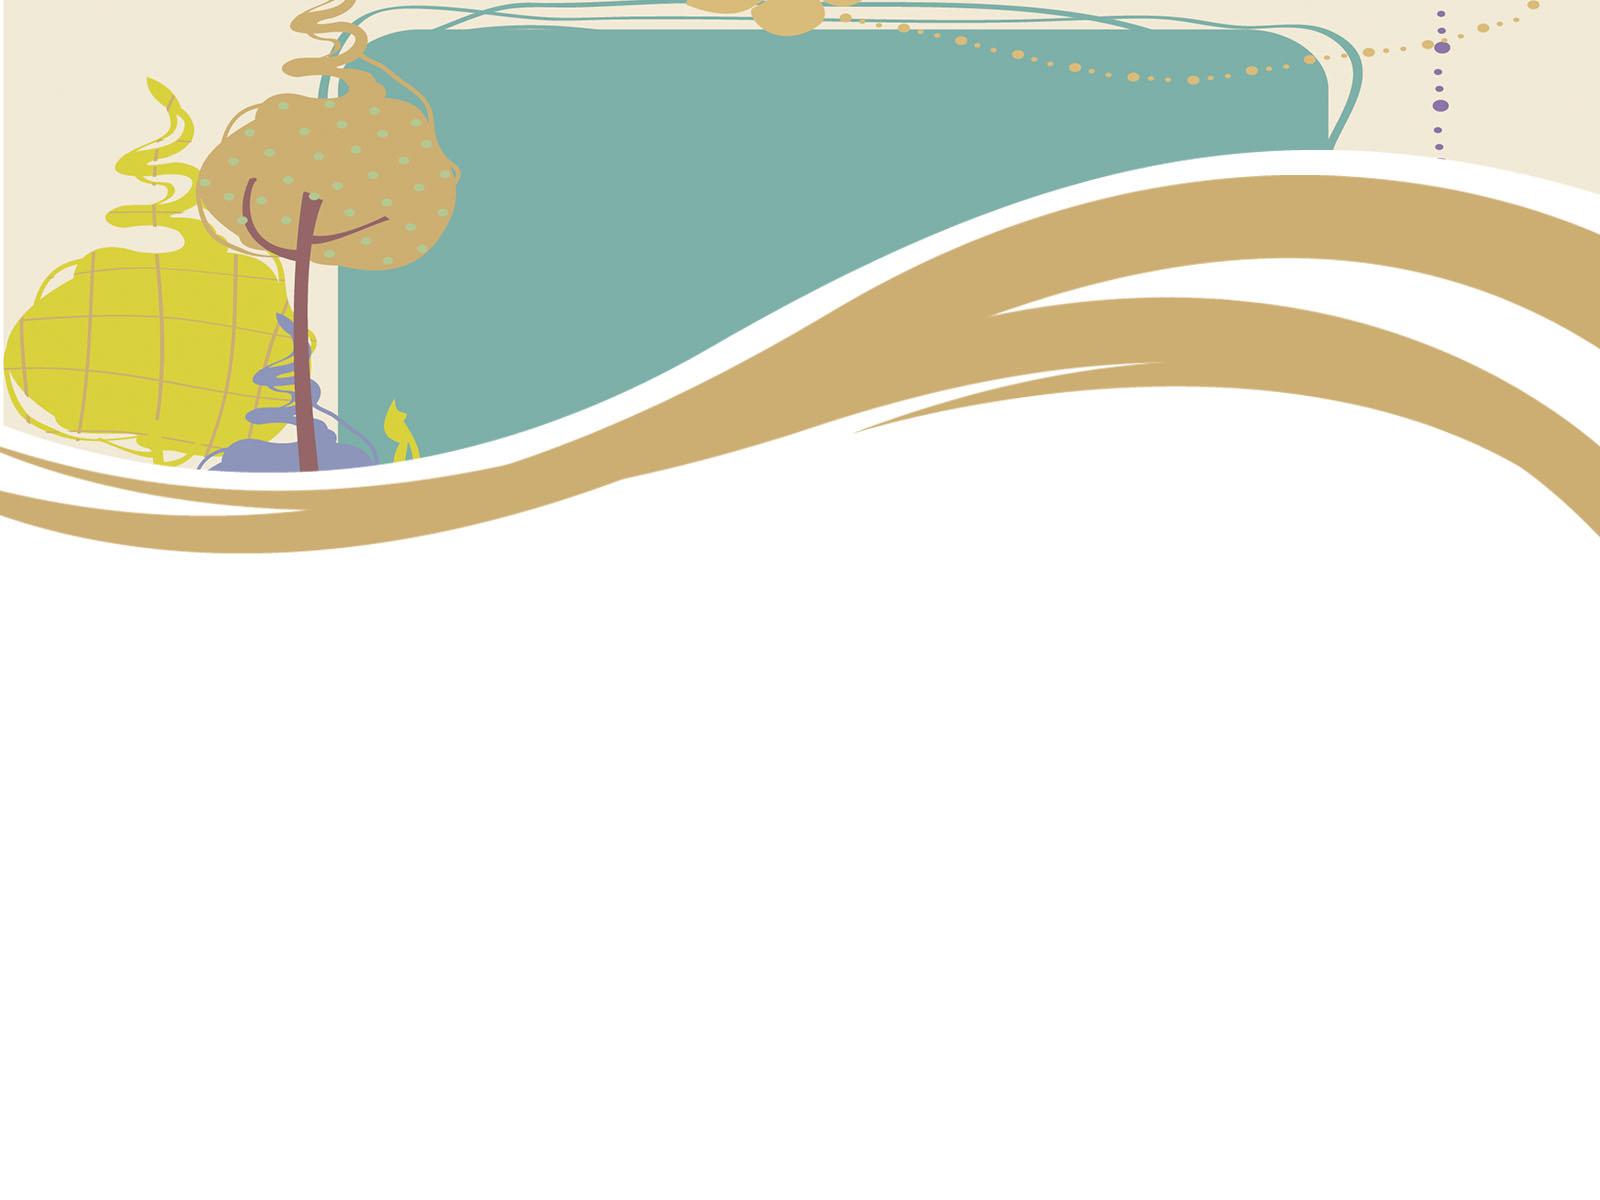 Background cho PowerPoint hình vẽ giản đơn